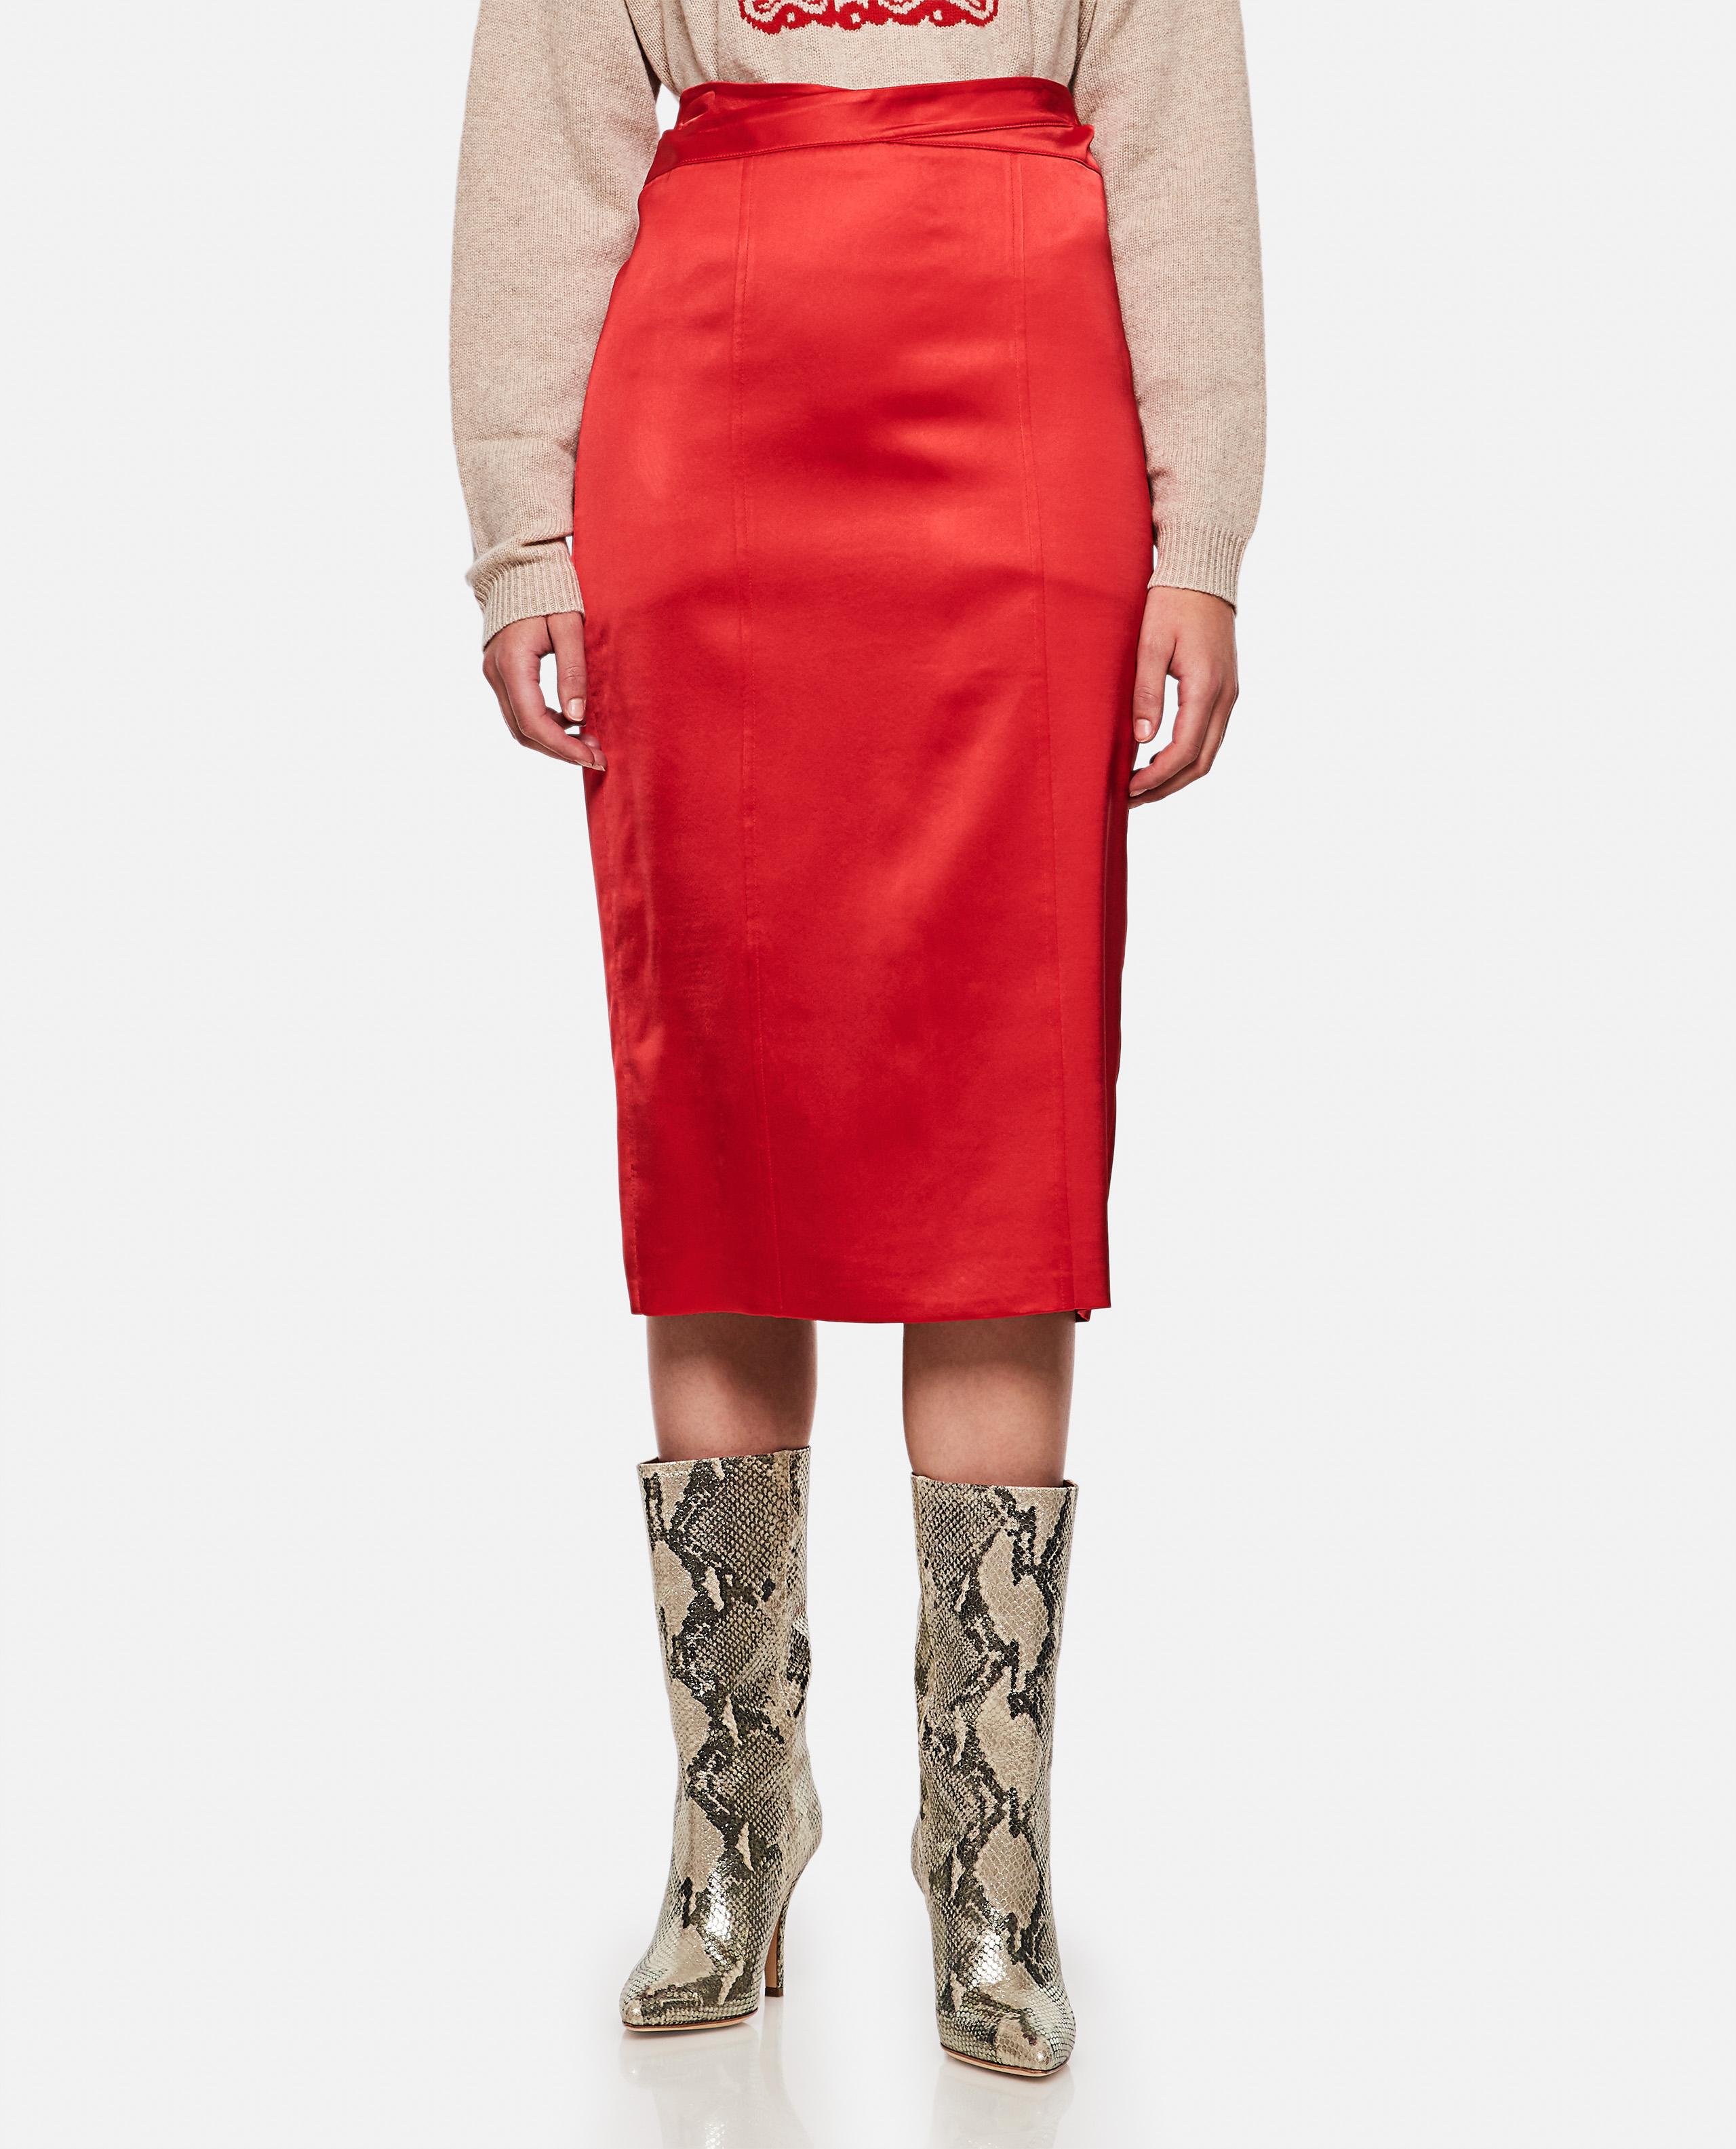 Midi Soledad skirt